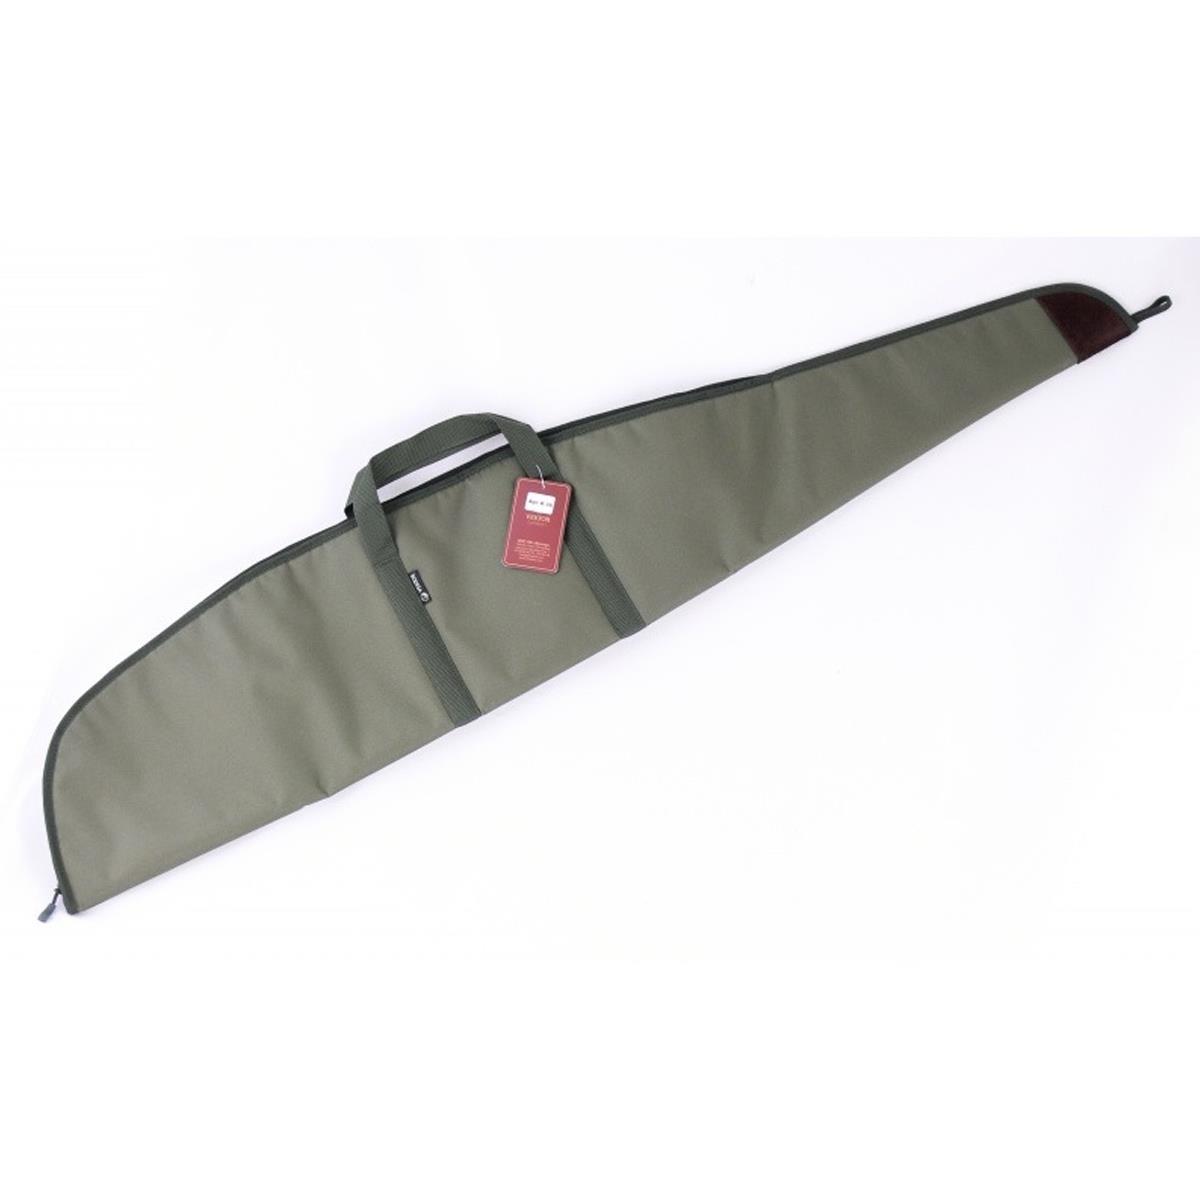 Estuche de transporte de nailon con mira para rifle con óptica, 129 cm Vektor K-36